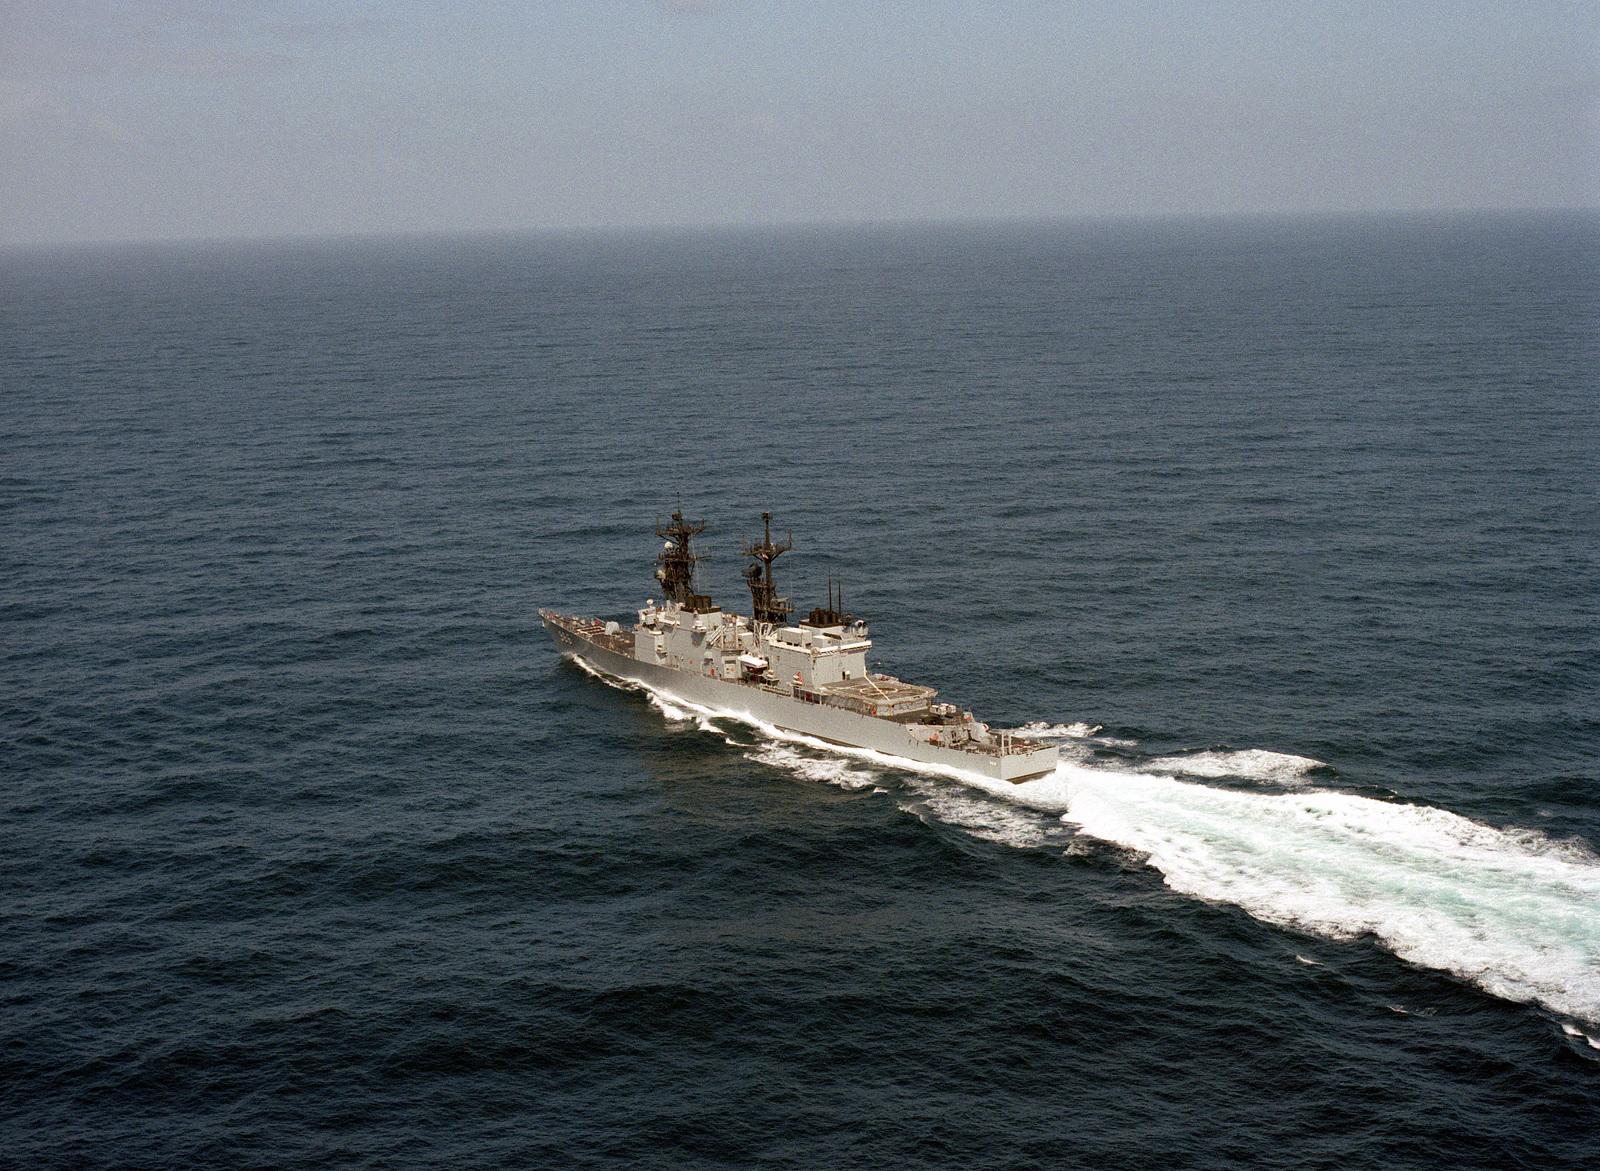 A port quarter view of the destroyer USS HEWITT (DD 966) underway